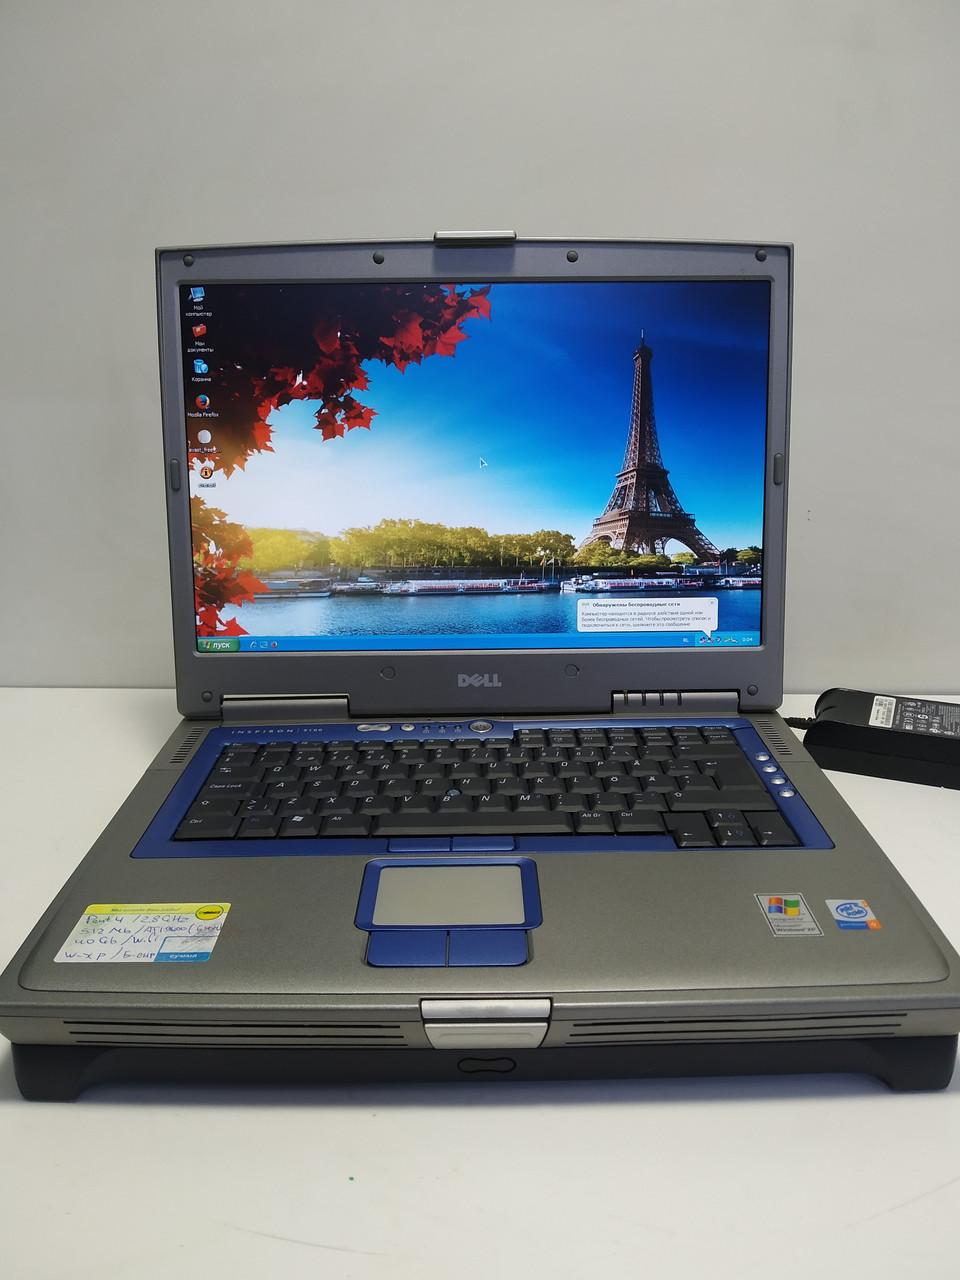 Dell Inspirion 9100\ Intel 2.8 Ггц\ 512 МБ  ОЗУ \ 40 ГБ HDD